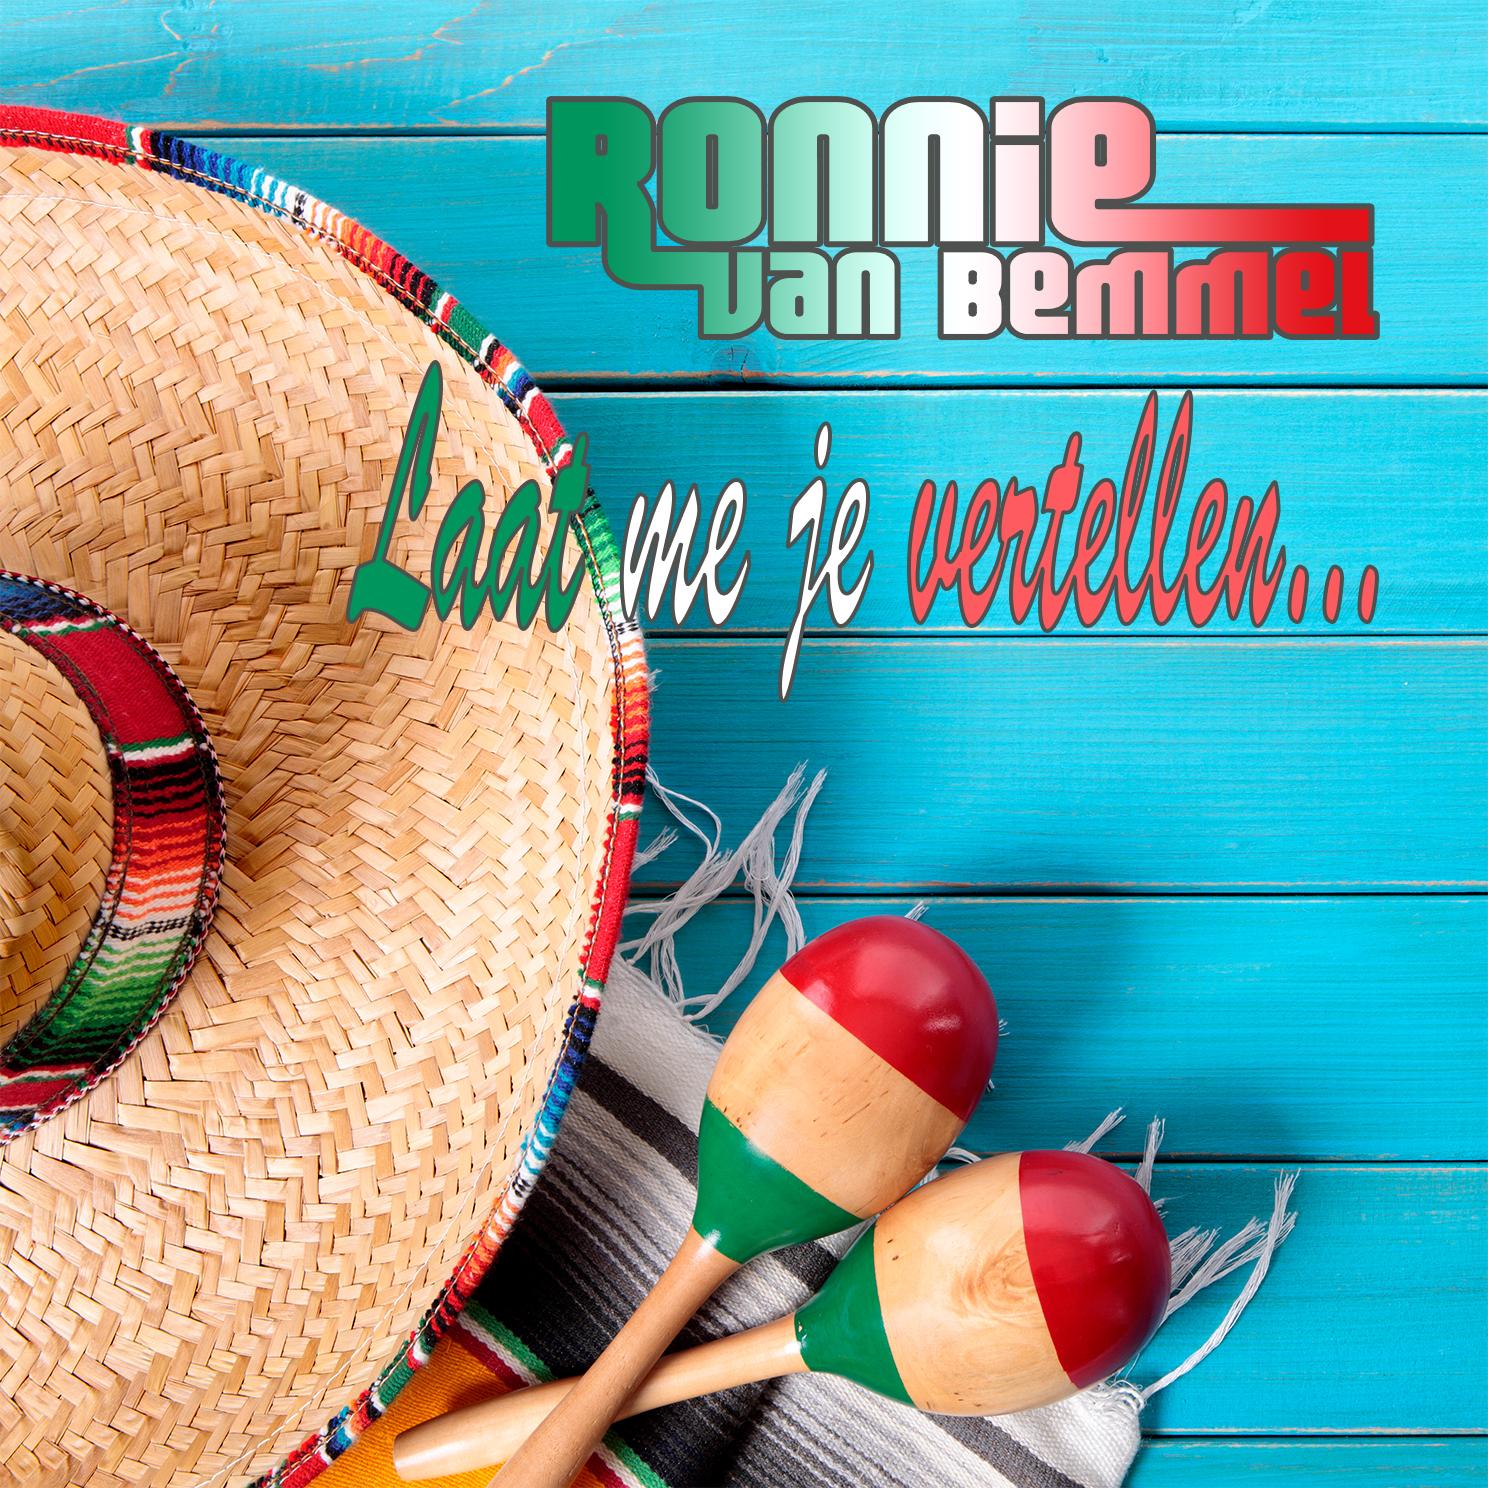 Laat me je vertellenhttps://itunes.apple.com/nl/album/laat-me-je-vertellen-single/1387896284